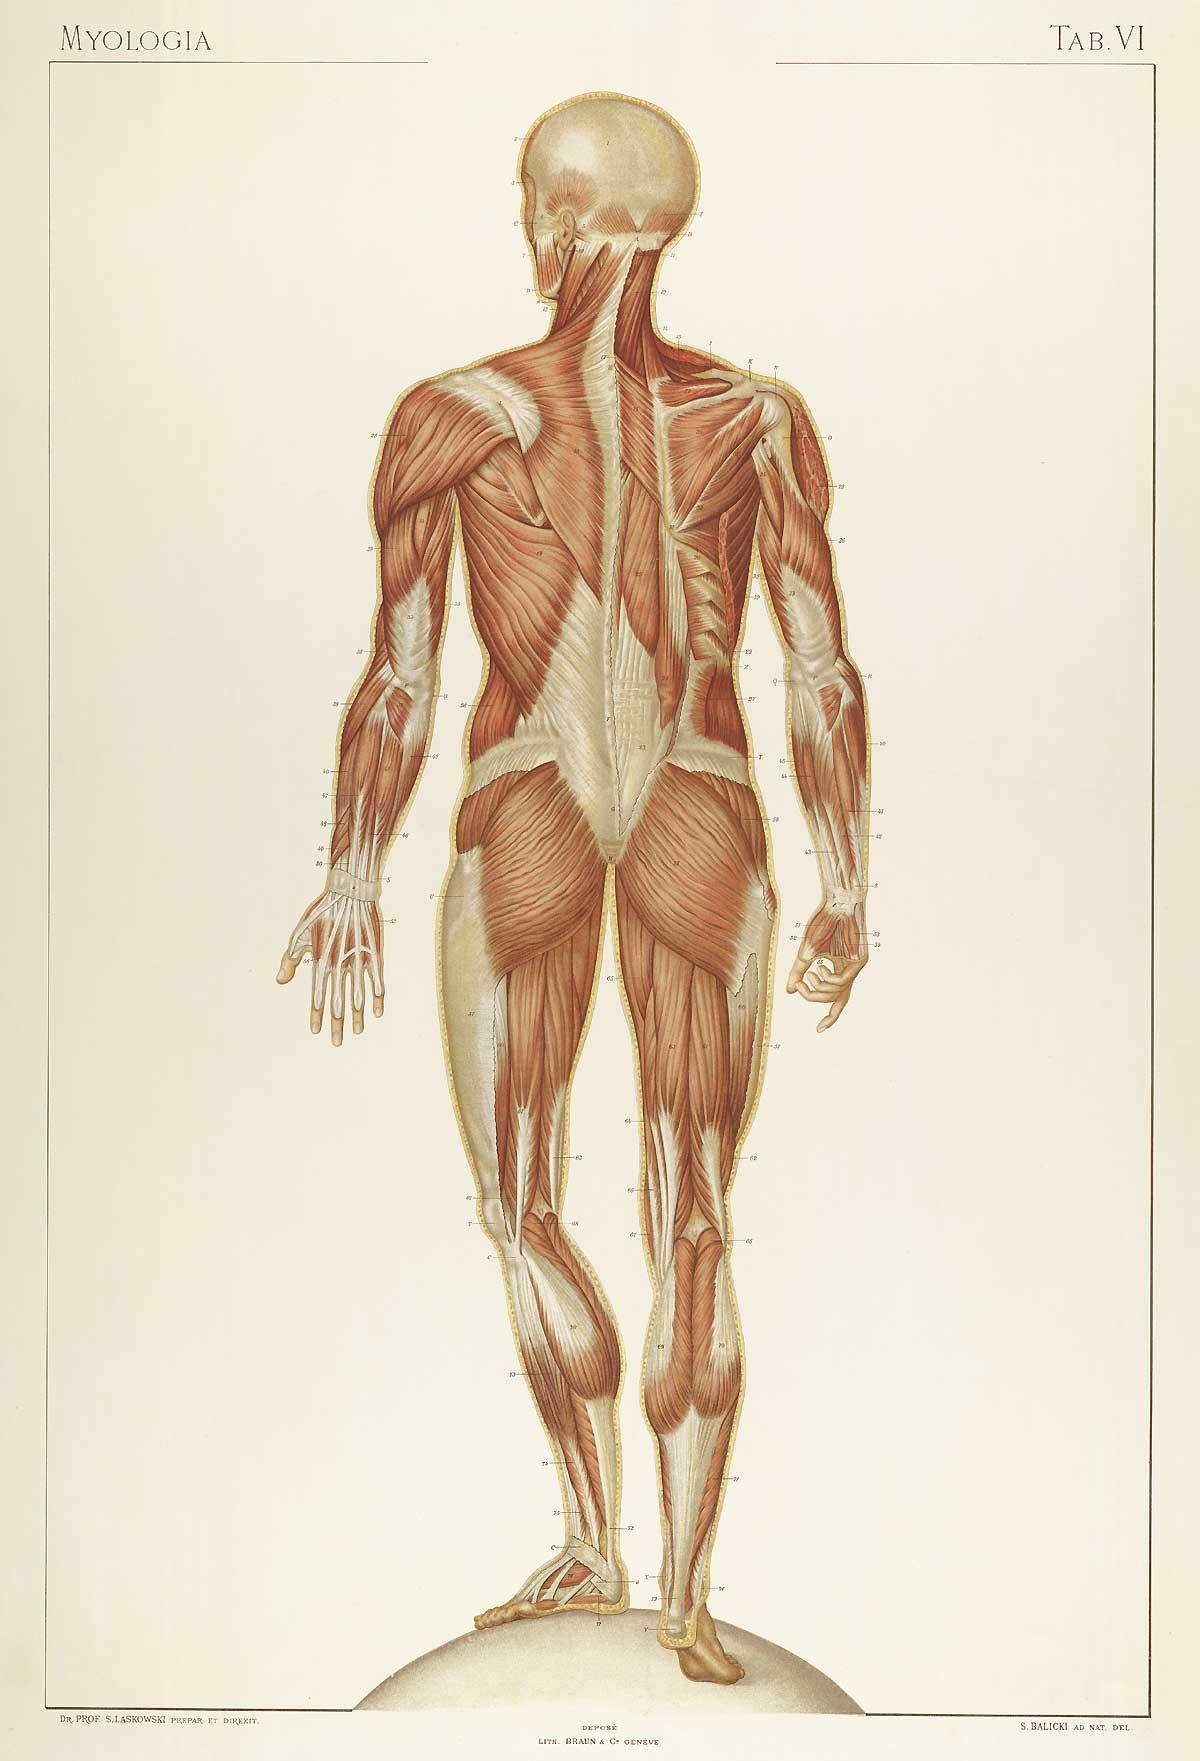 Großzügig Körperregionen In Der Anatomie Ideen - Anatomie Von ...